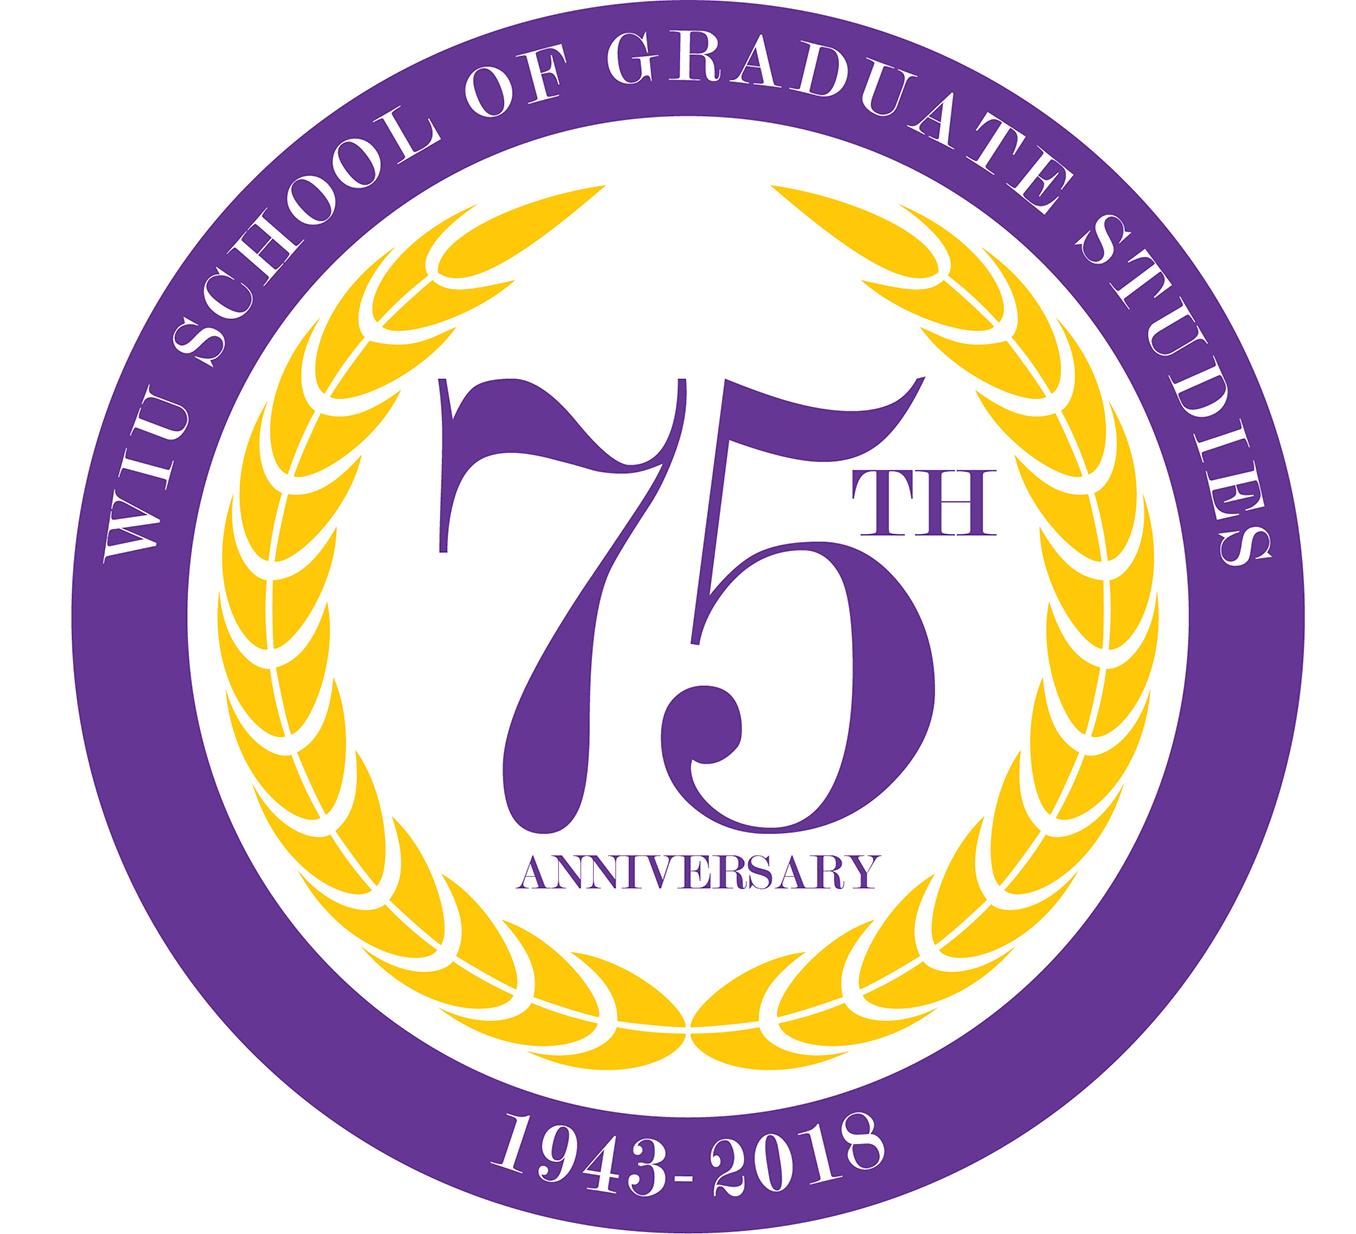 Wiu School Of Graduate Studies Hosting Informational Seminars